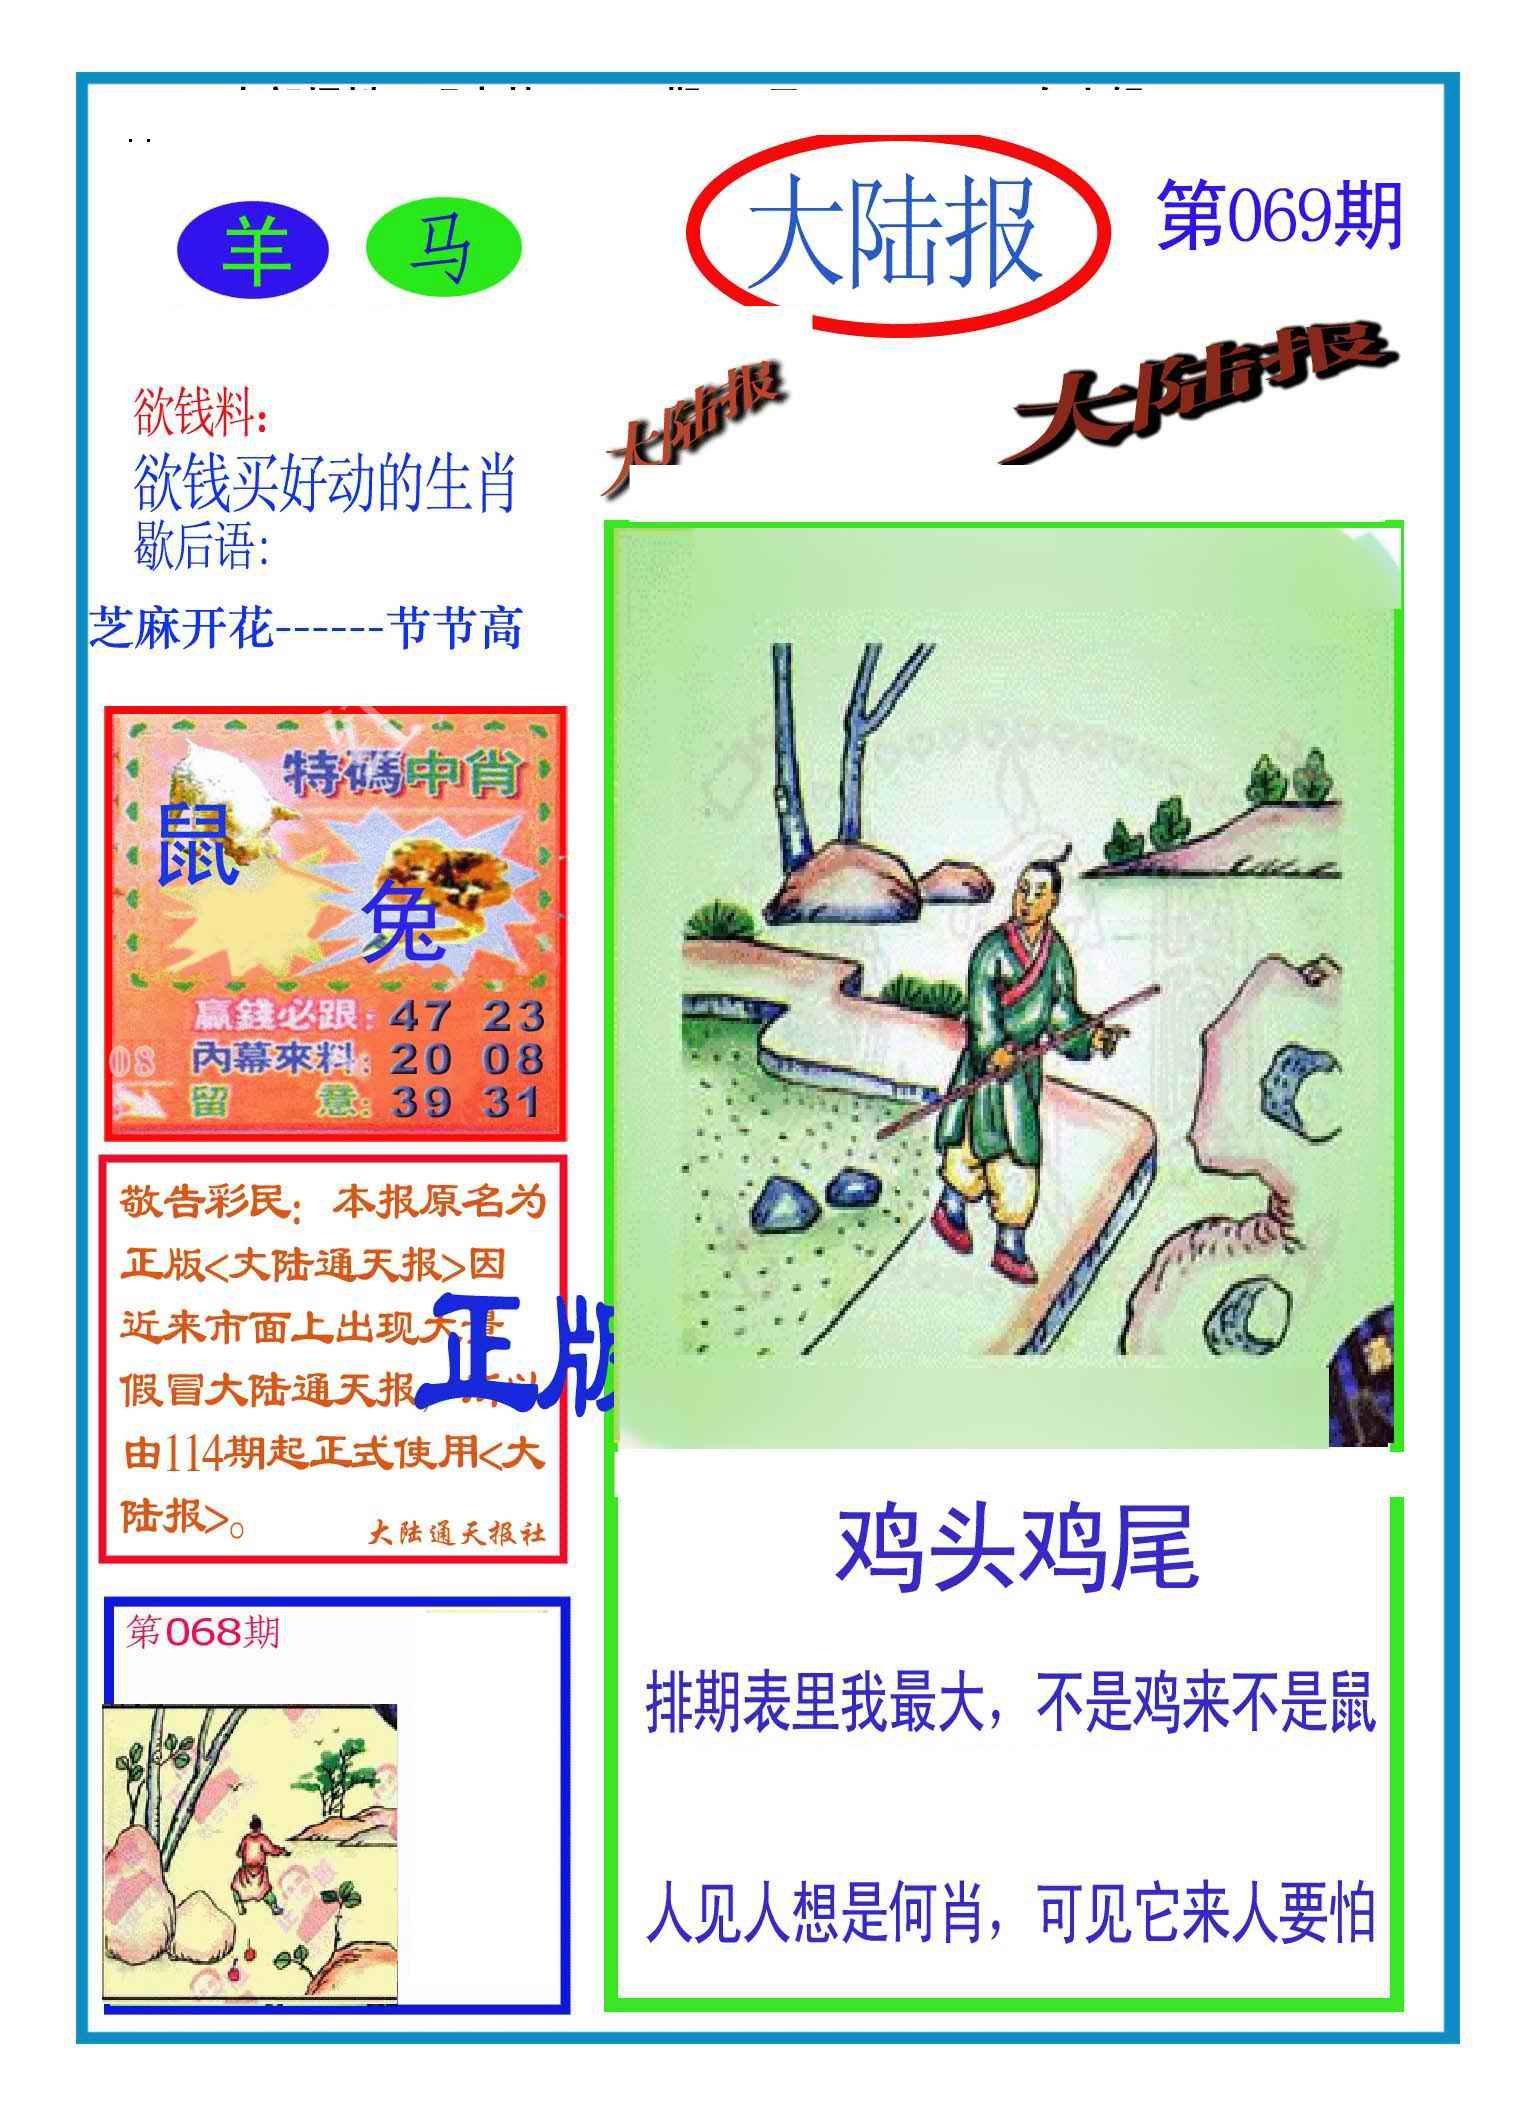 069期大陆报(新图)